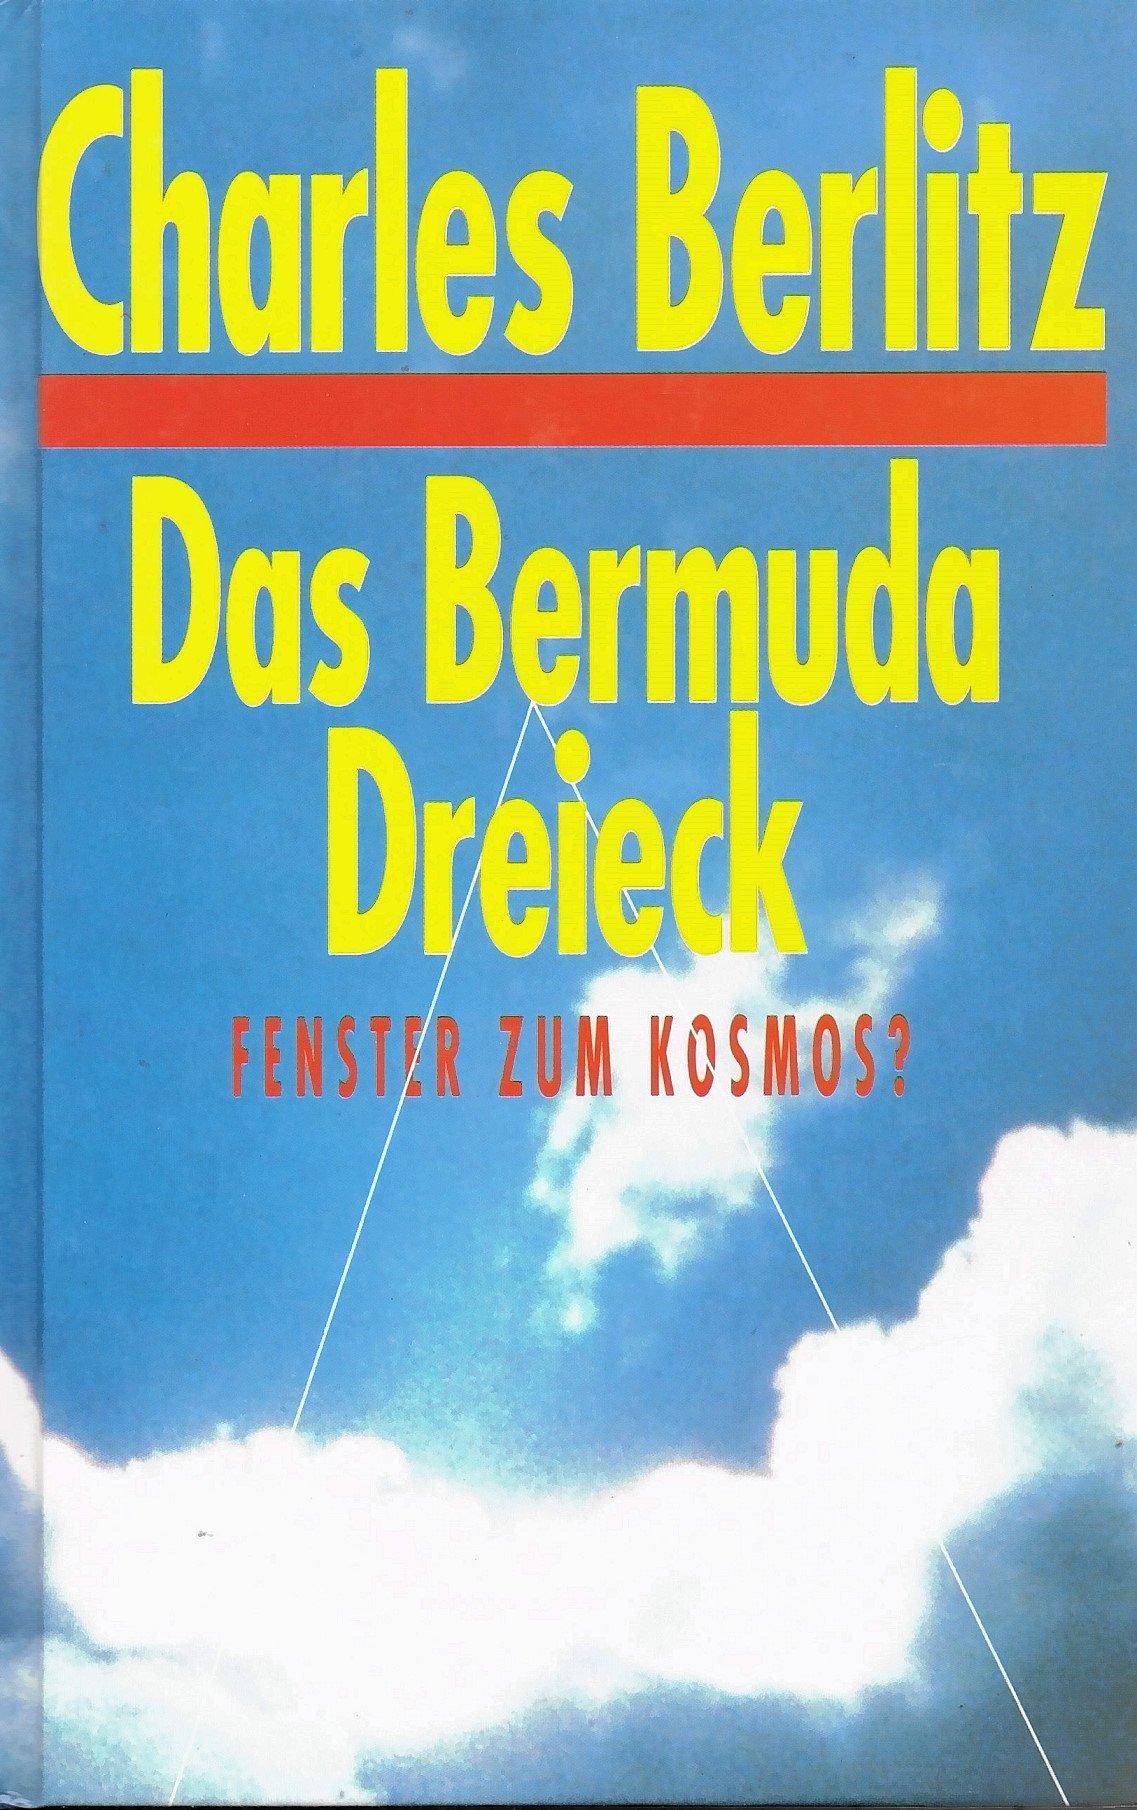 das-bermuda-dreieck-fenster-zum-kosmos-3893501754